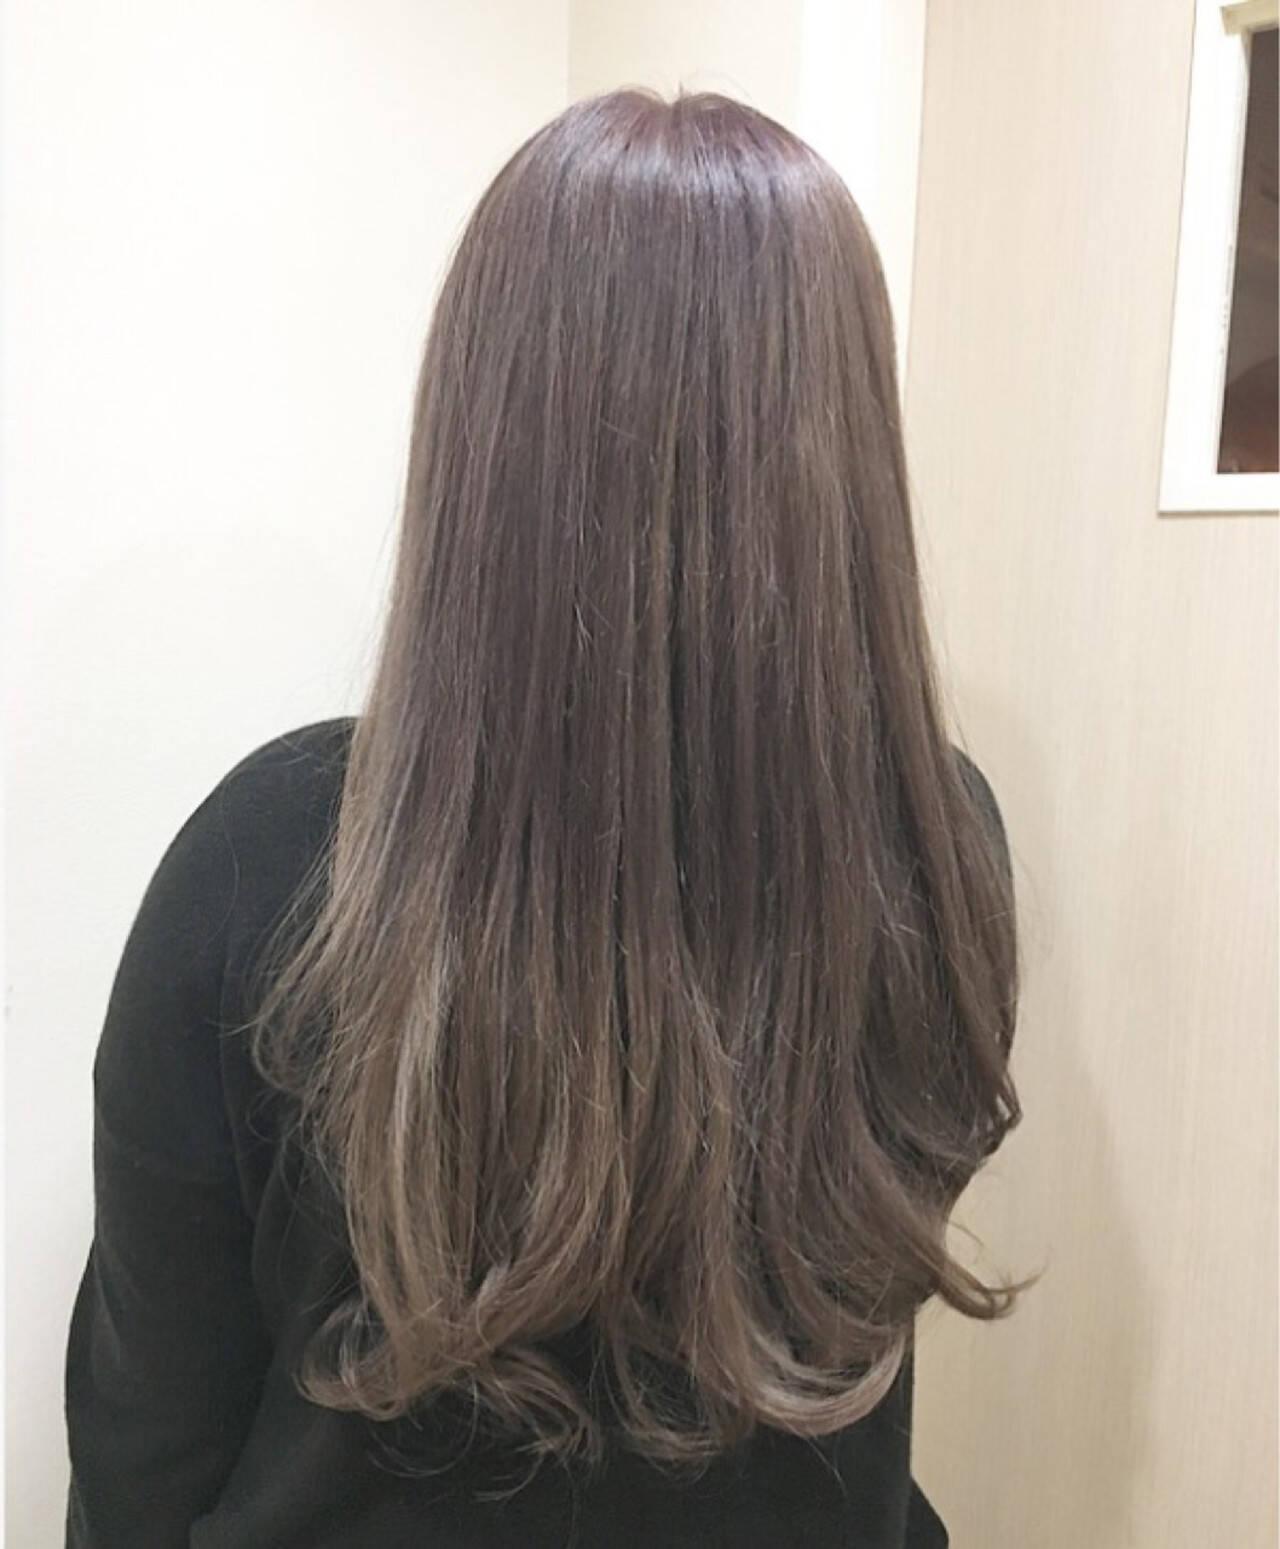 ストリート バイオレットアッシュ ピンク ダブルカラーヘアスタイルや髪型の写真・画像